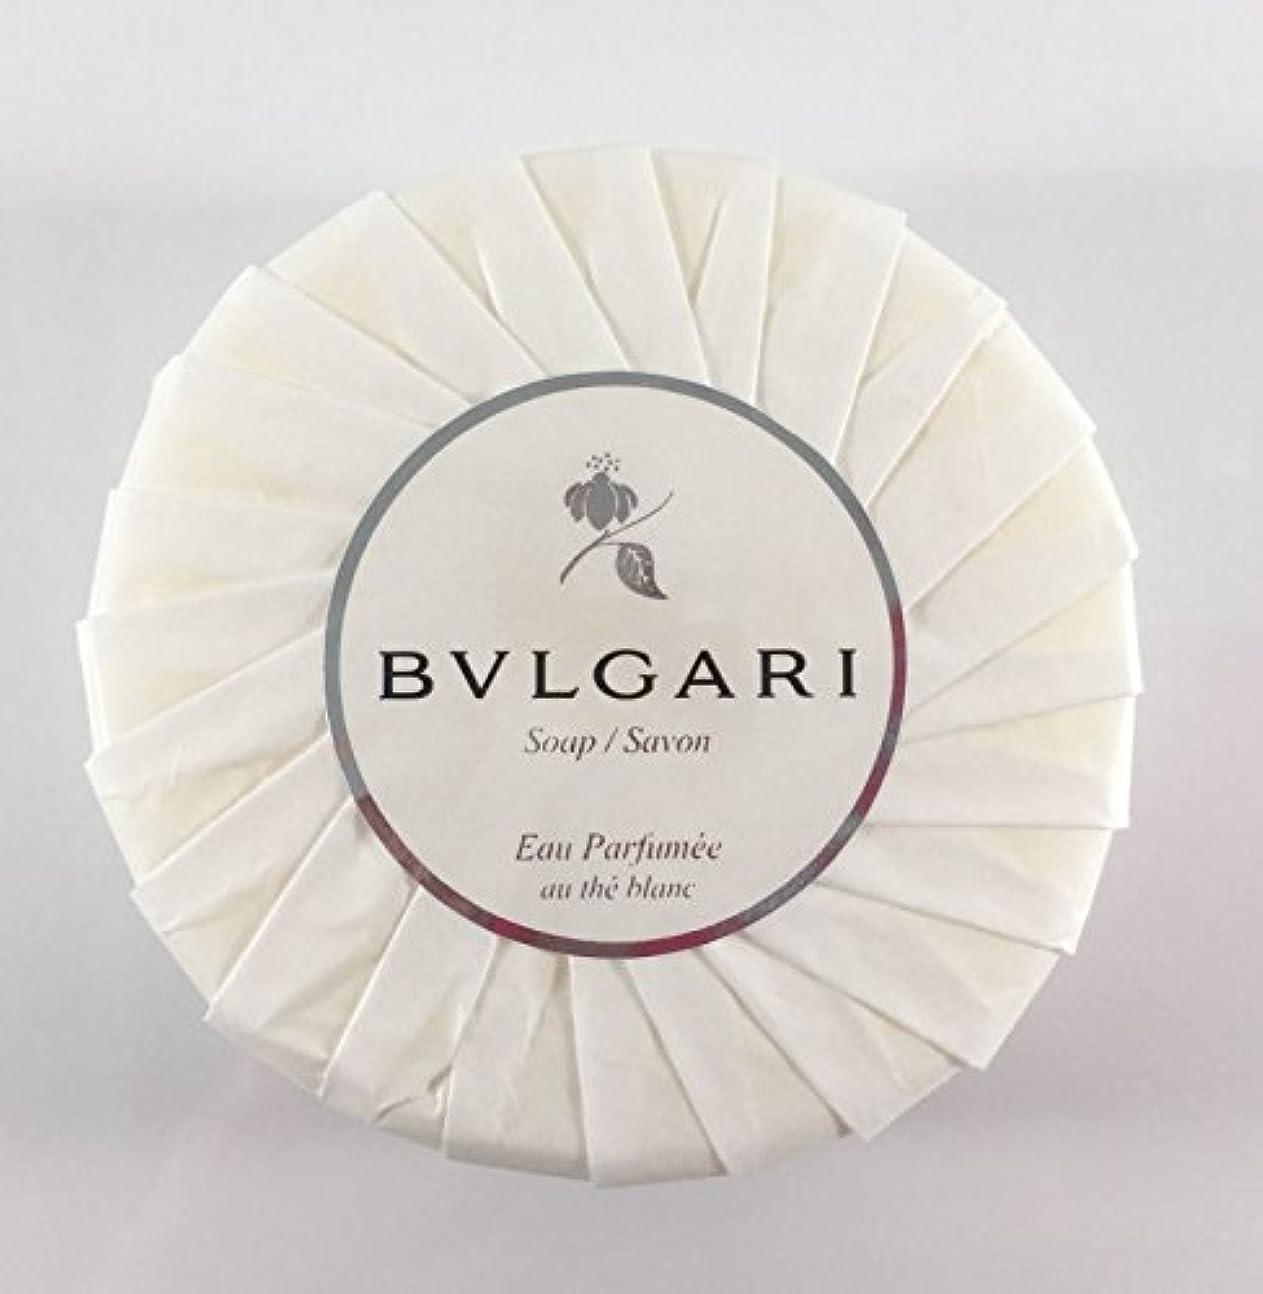 民主党広範囲個人ブルガリ オ?パフメ オーテブラン デラックスソープ150g BVLGARI Bvlgari Eau Parfumee au the blanc White Soap